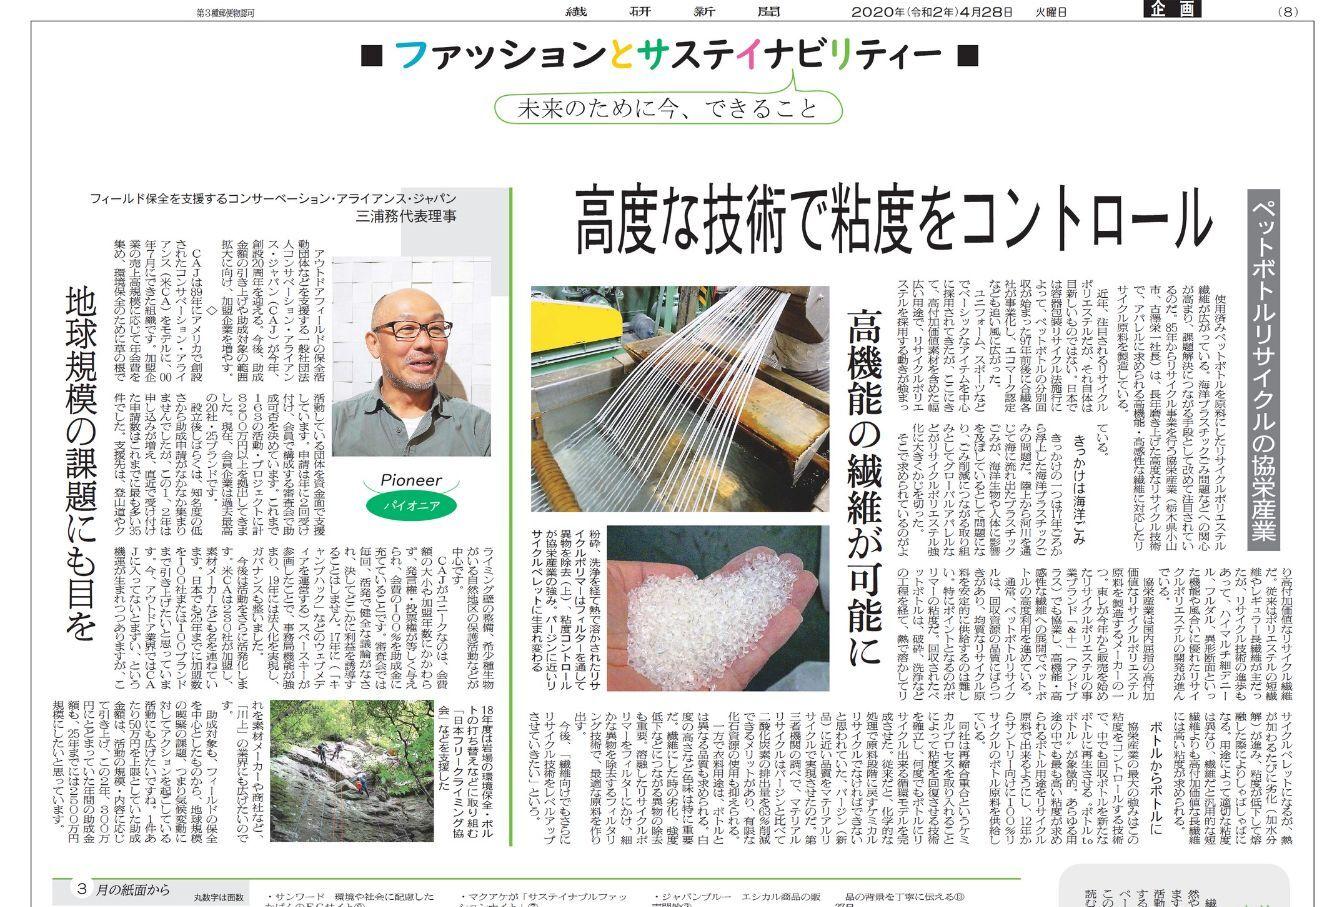 繊研新聞にて、インタビュー記事が掲載されました